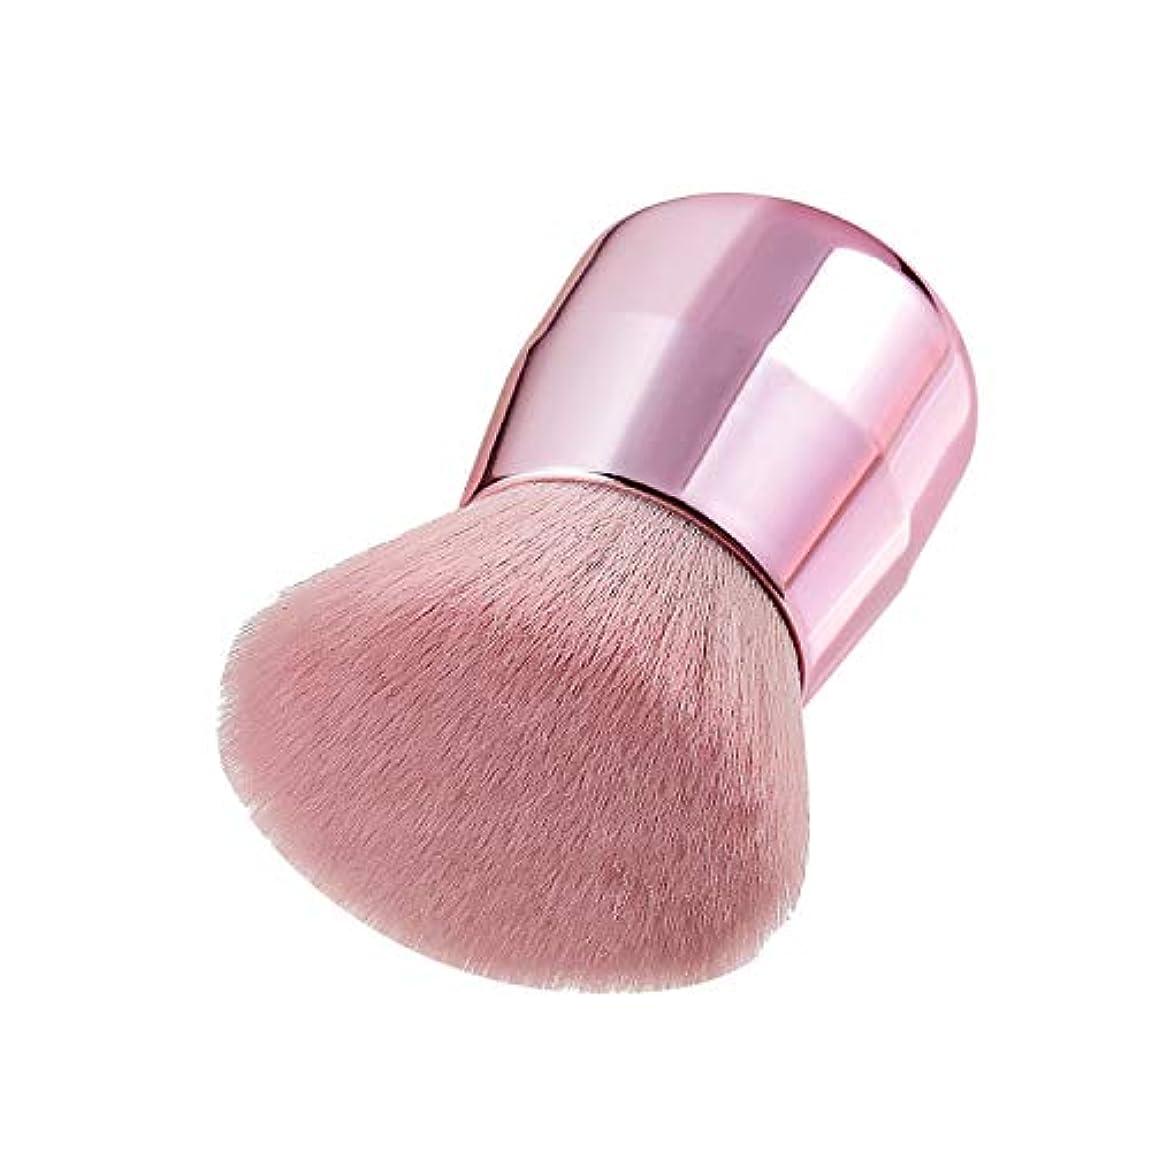 ヒューズ型仕立て屋Makeup brushes ピンクのティルティングパウダーブラシポータブル著名な化粧ブラシハニーパウダーブラシブラッシュブラシ suits (Color : Rose Gold)